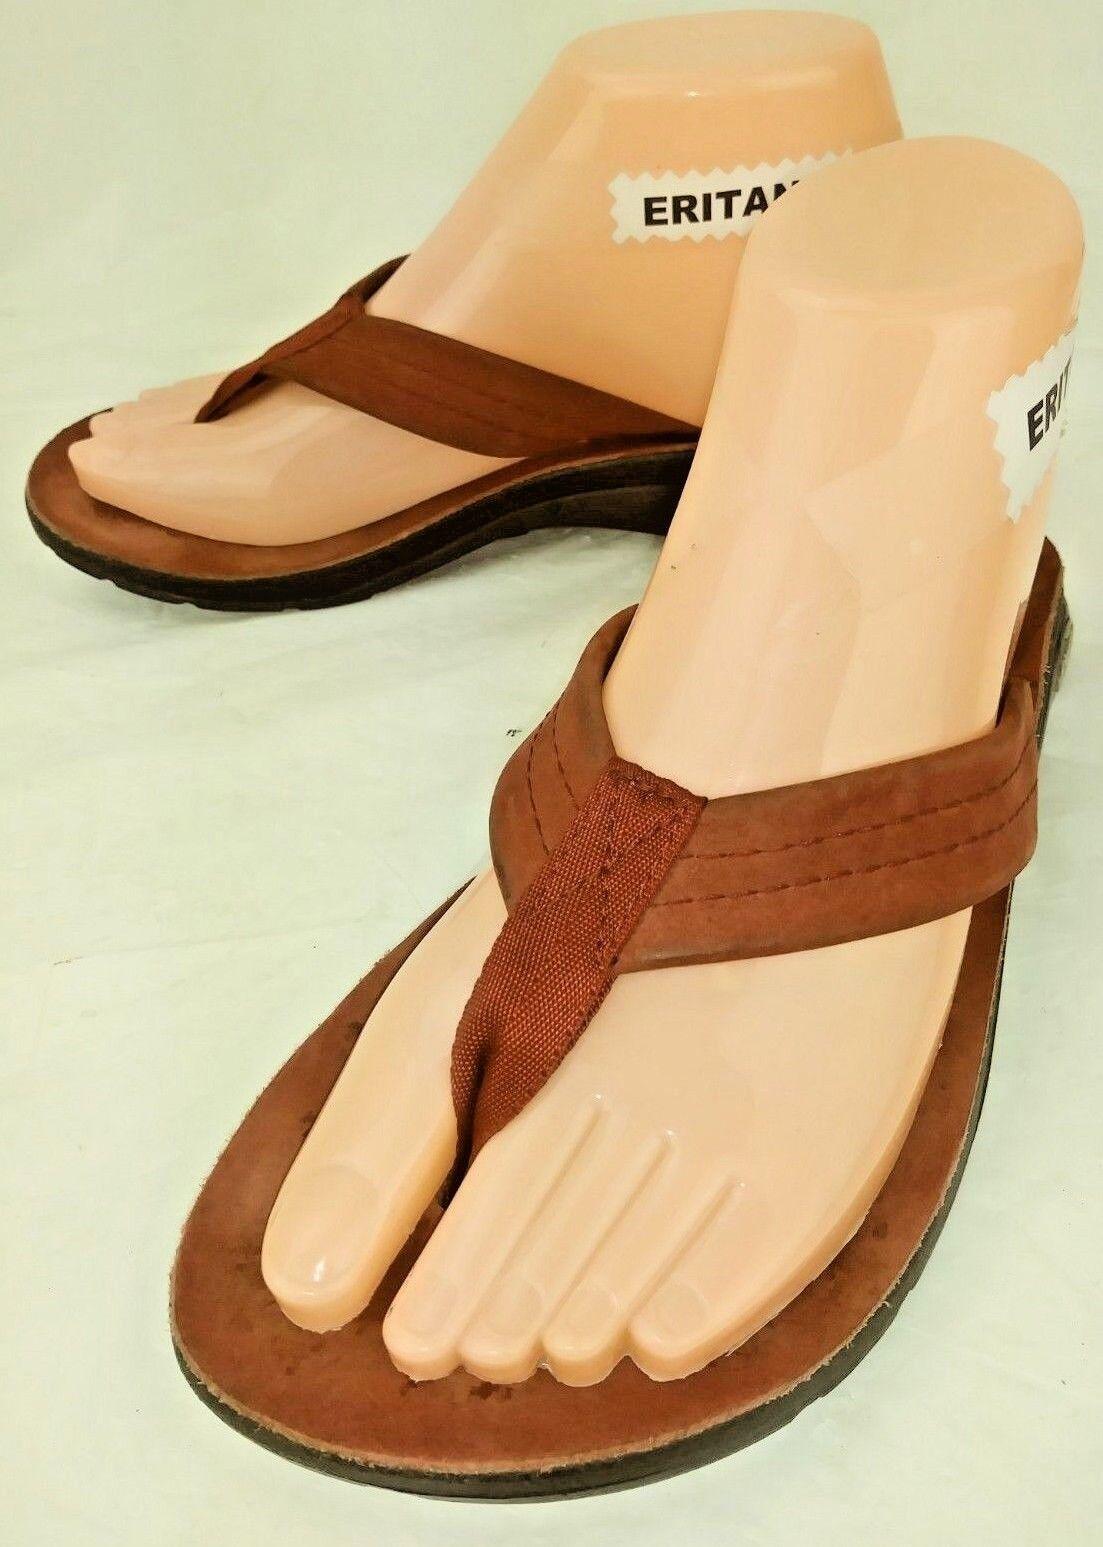 Chaco Mujer Zapatos Chanclas Chanclas Chanclas EE. UU. 7 Cuero Rojo Sandalias Informales Caminar 807  ofrecemos varias marcas famosas